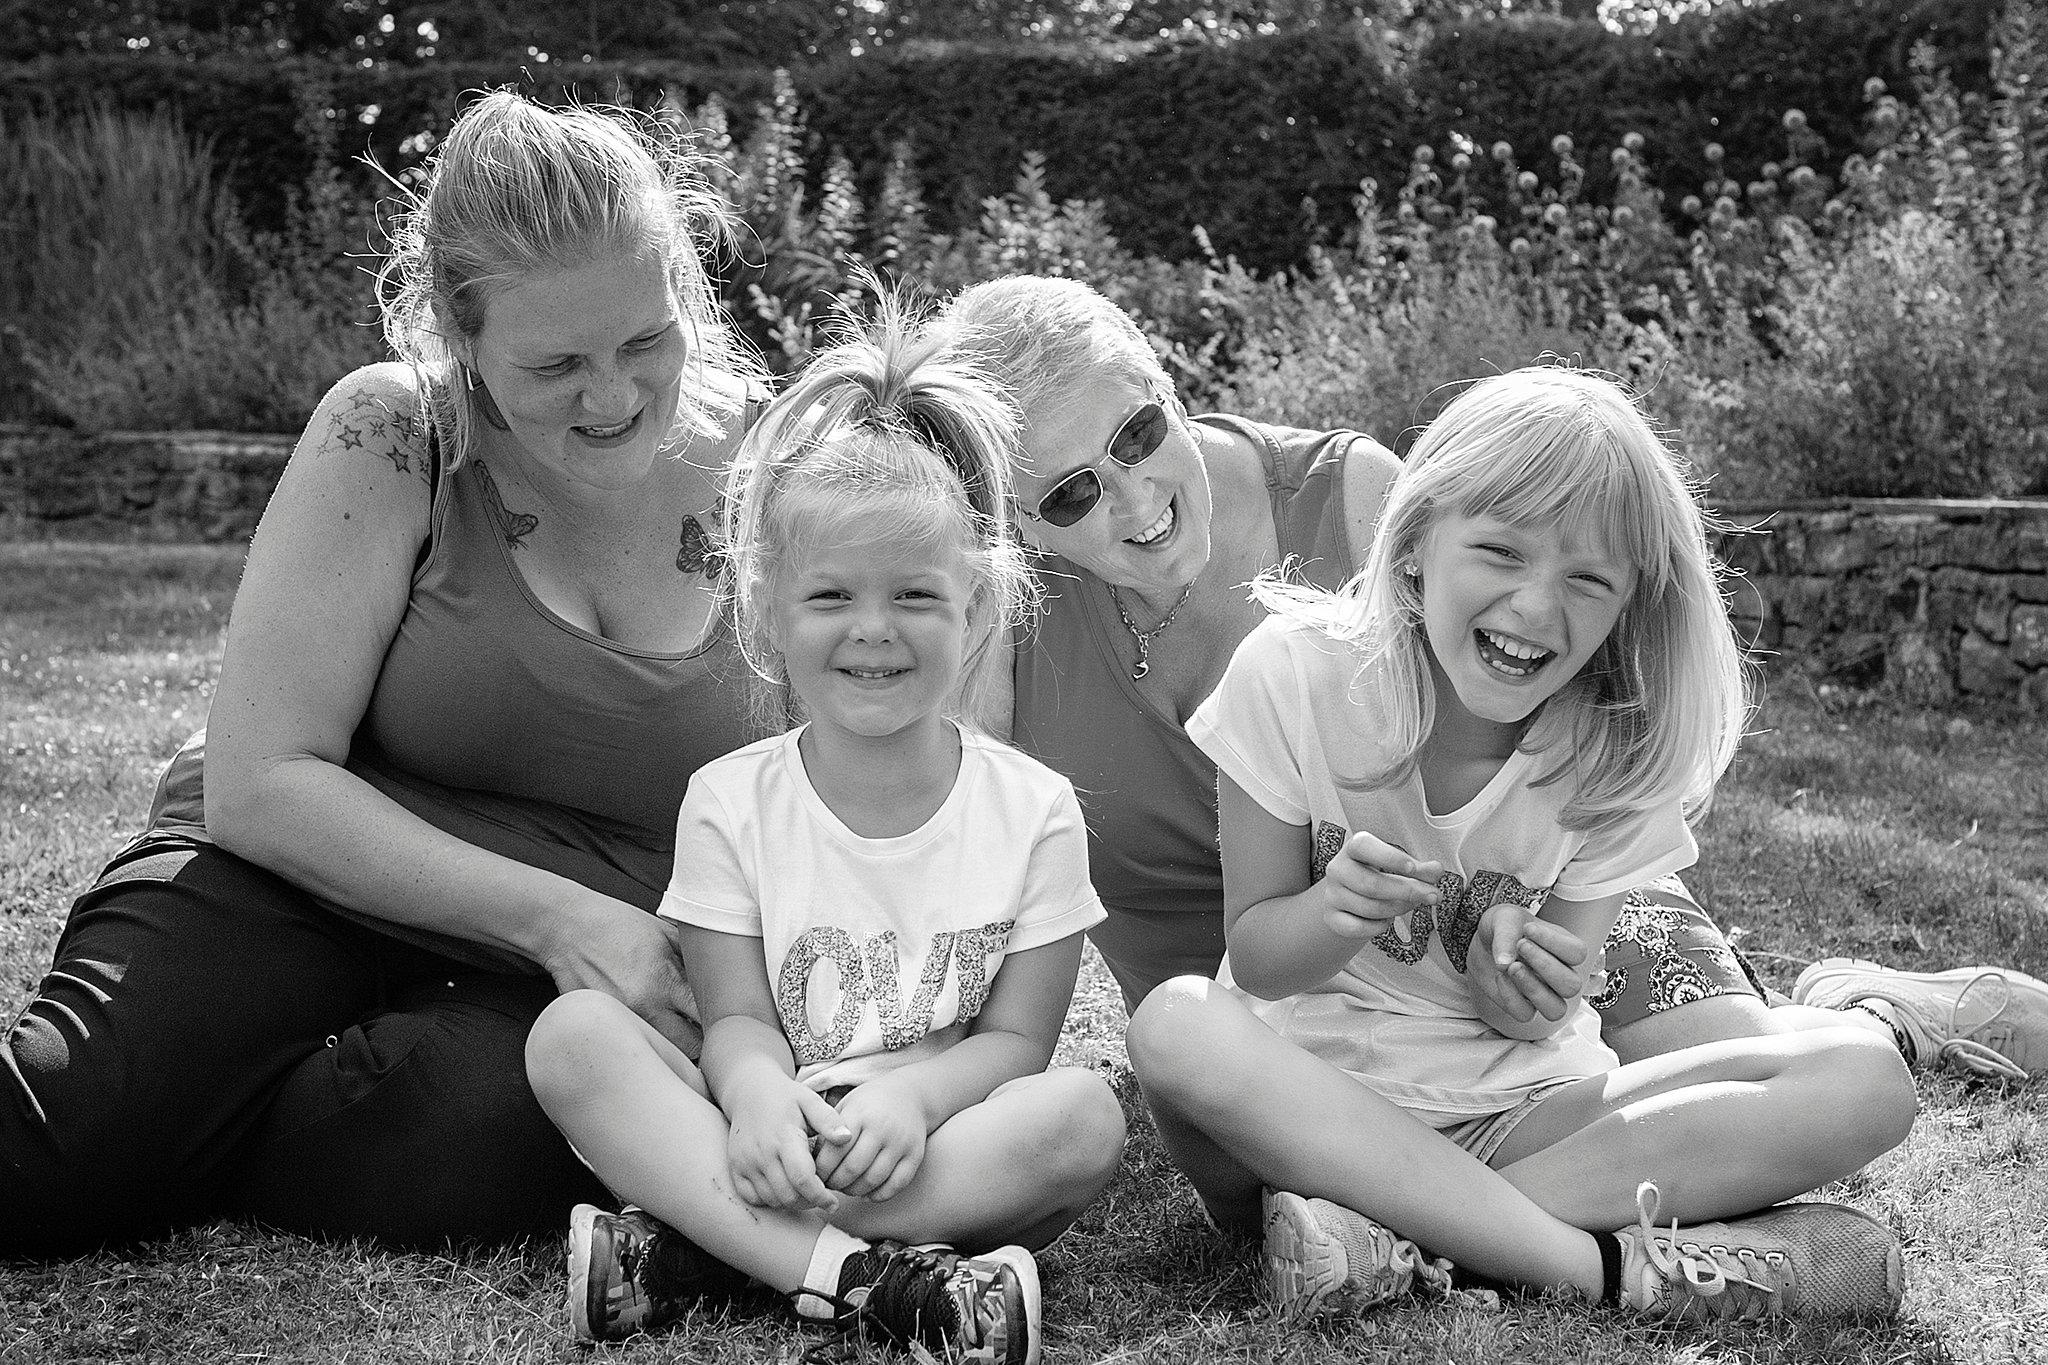 Family_portraits_Family_photographer_family_photography>out_door_photo_shhoots_family_photo_shoots_photographers_near_me Sarah_bee_photography_1315.jpg